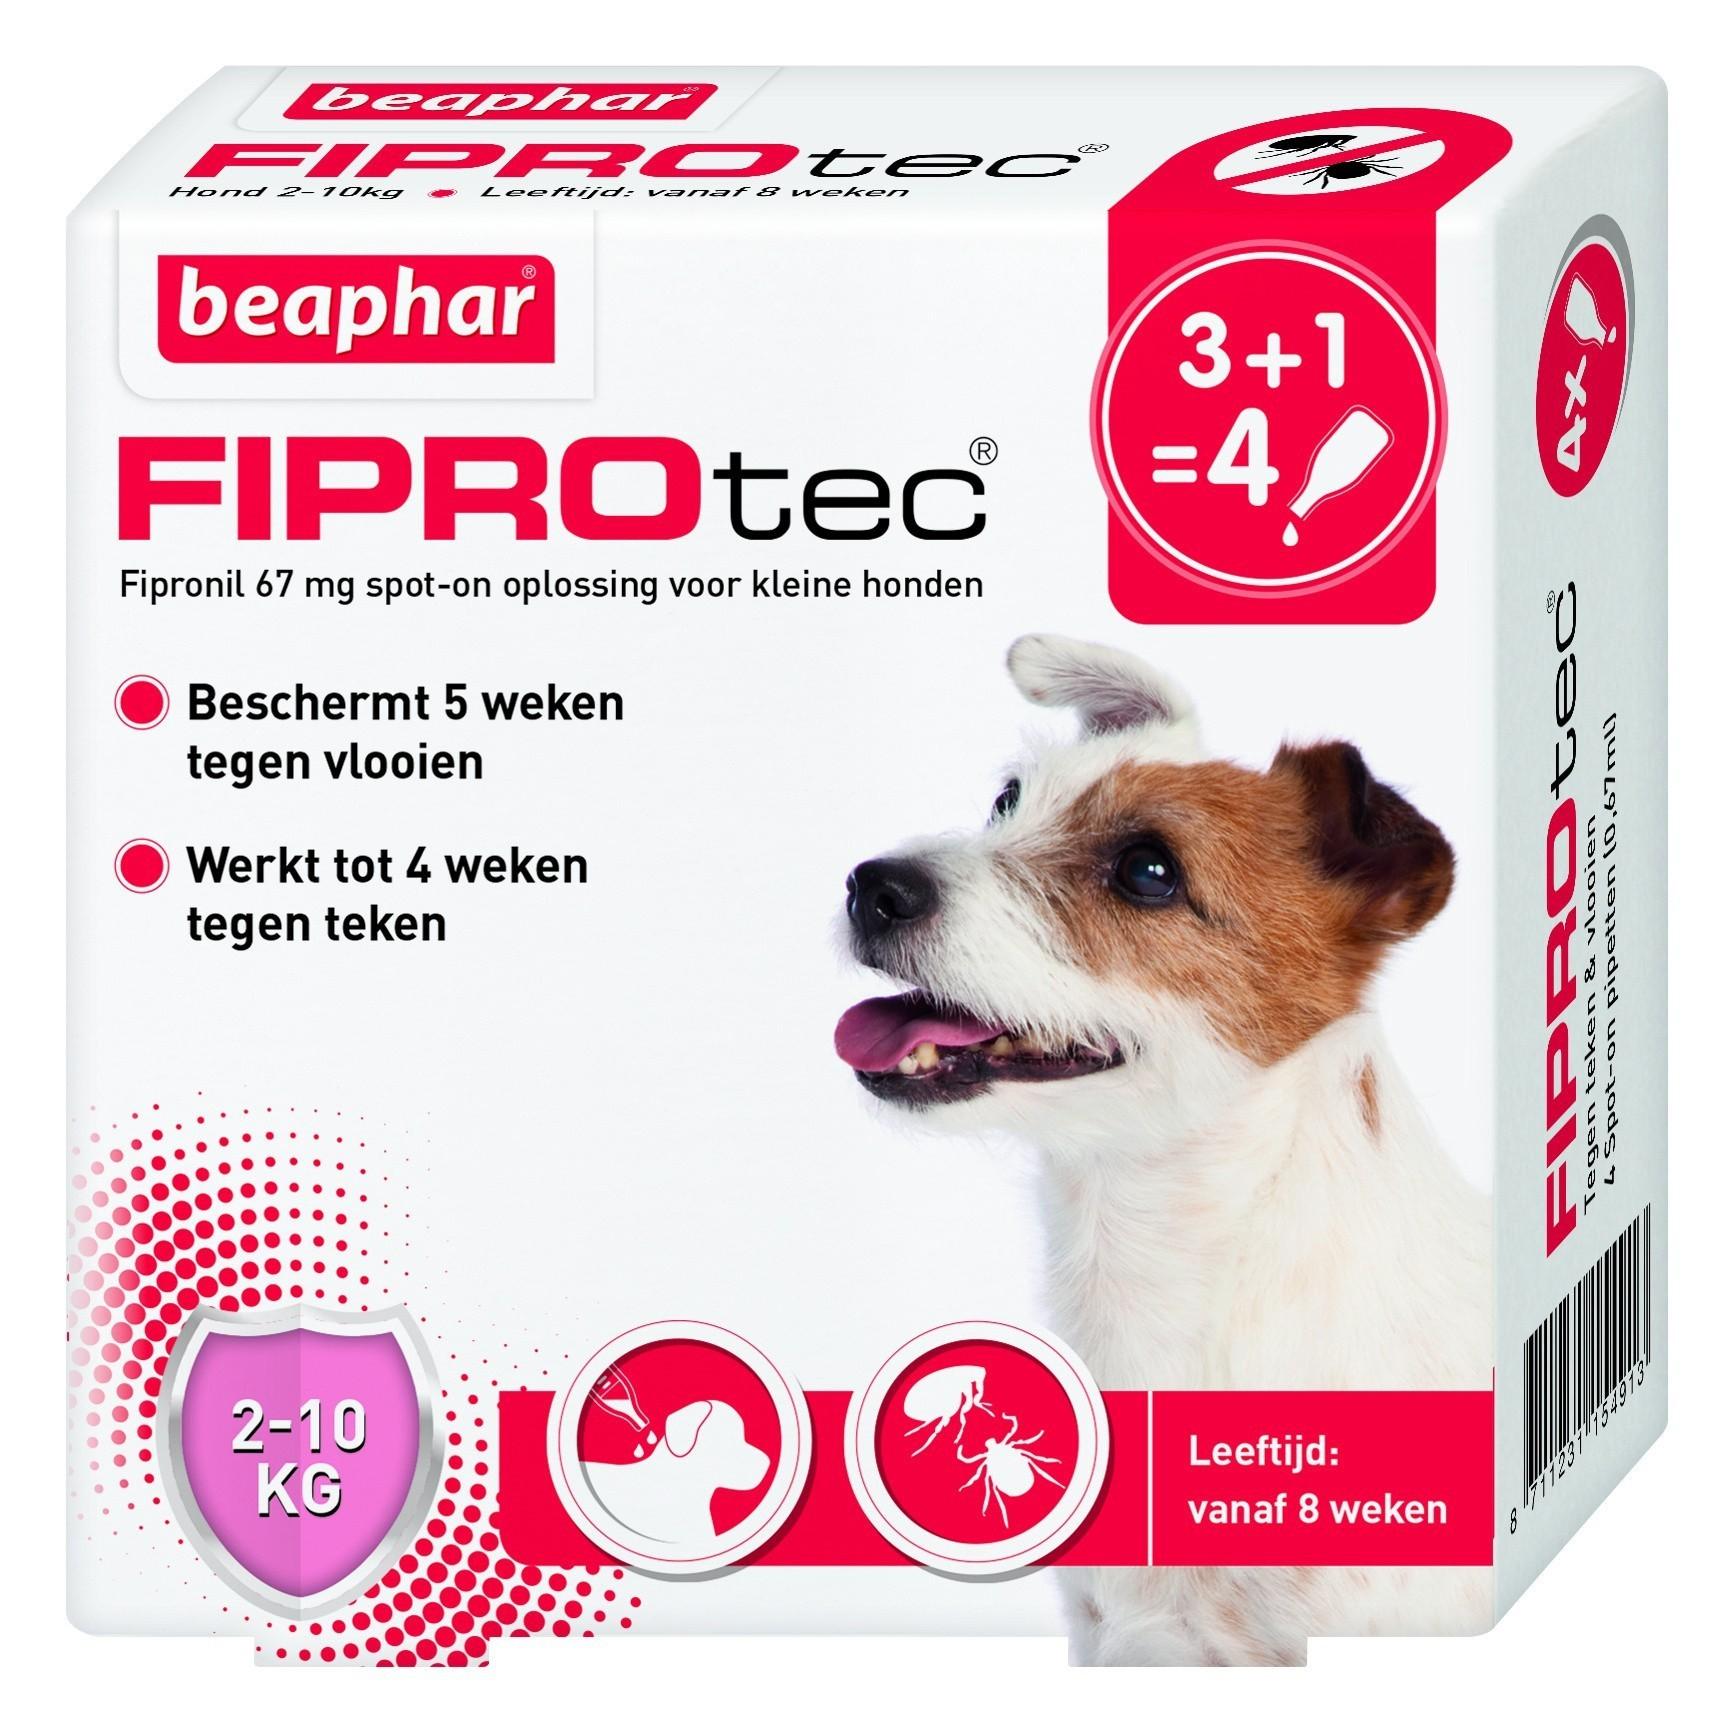 Beaphar Fiprotec hond vlooien/teken 2-10kg 4 pipet